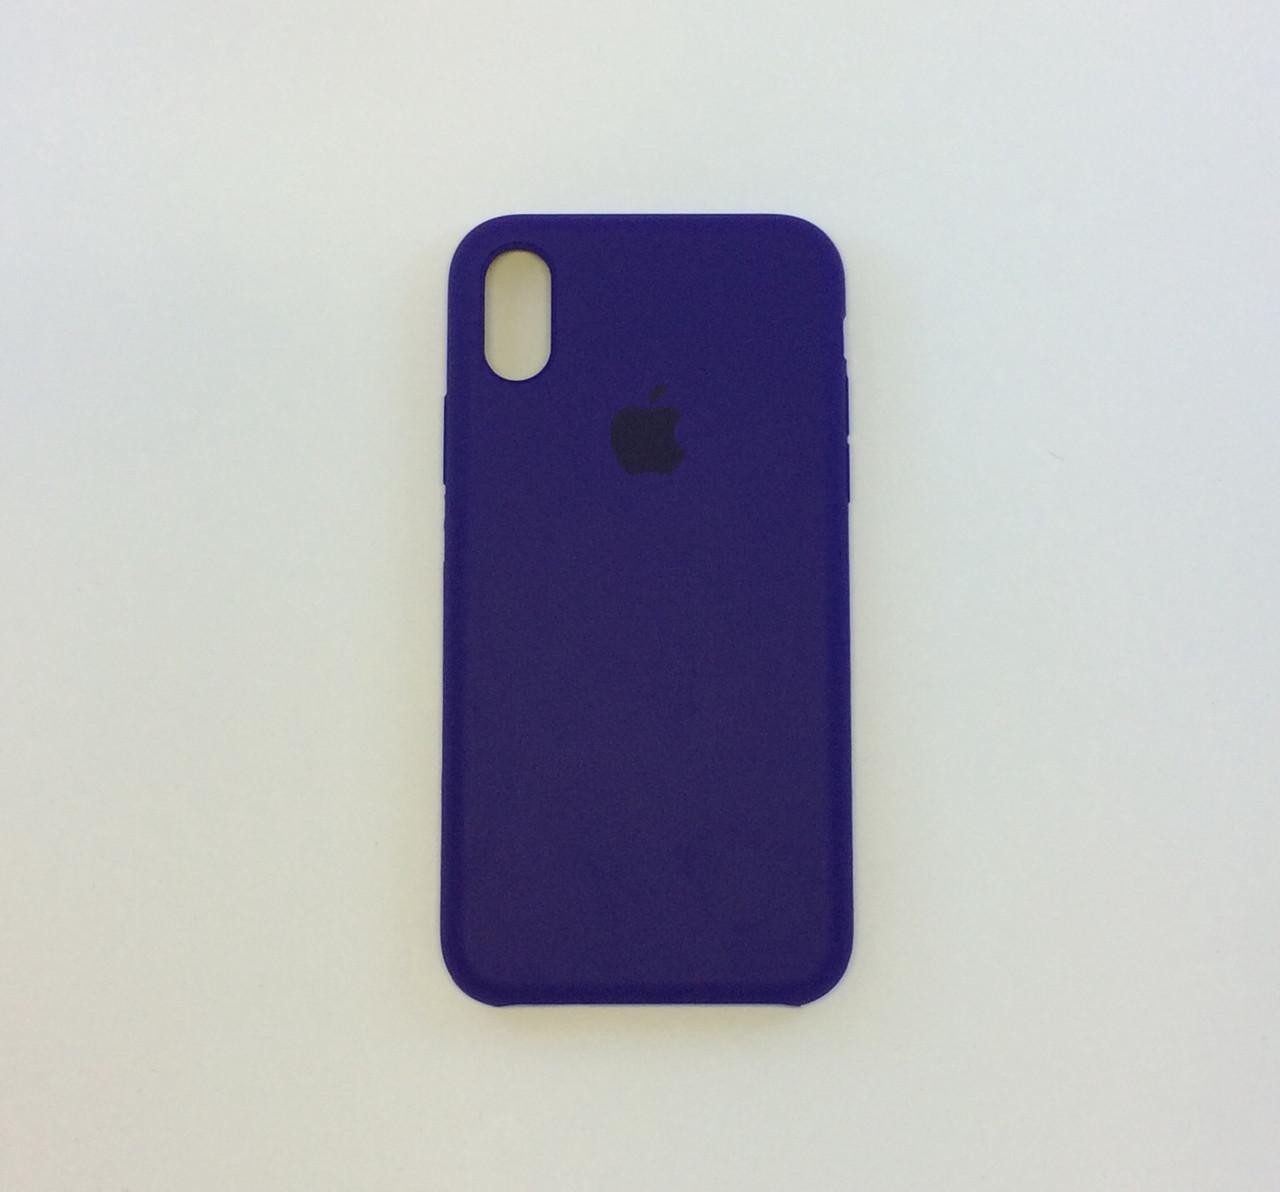 Силиконовый чехол OEM Silicon Case для iPhone Xr, ультрафиолетовий